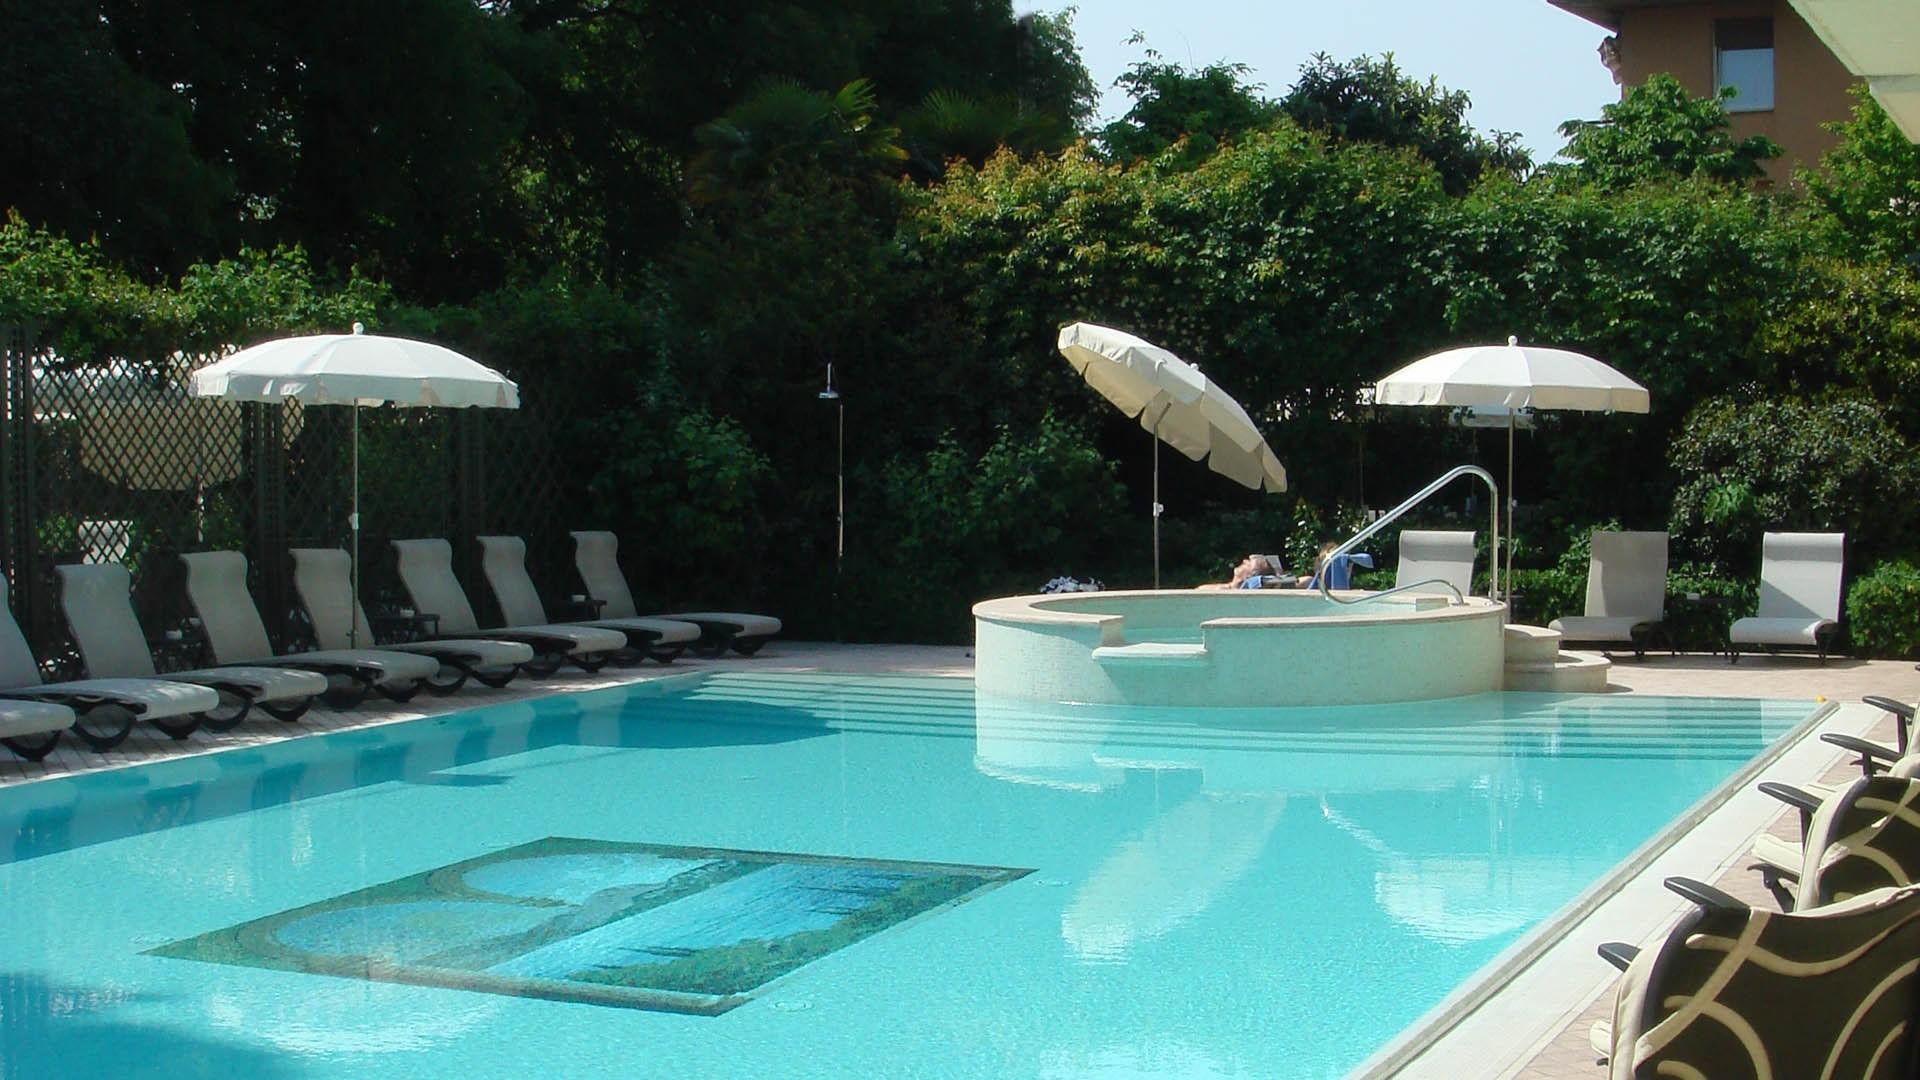 Aquatic geometries - استخر های شنا